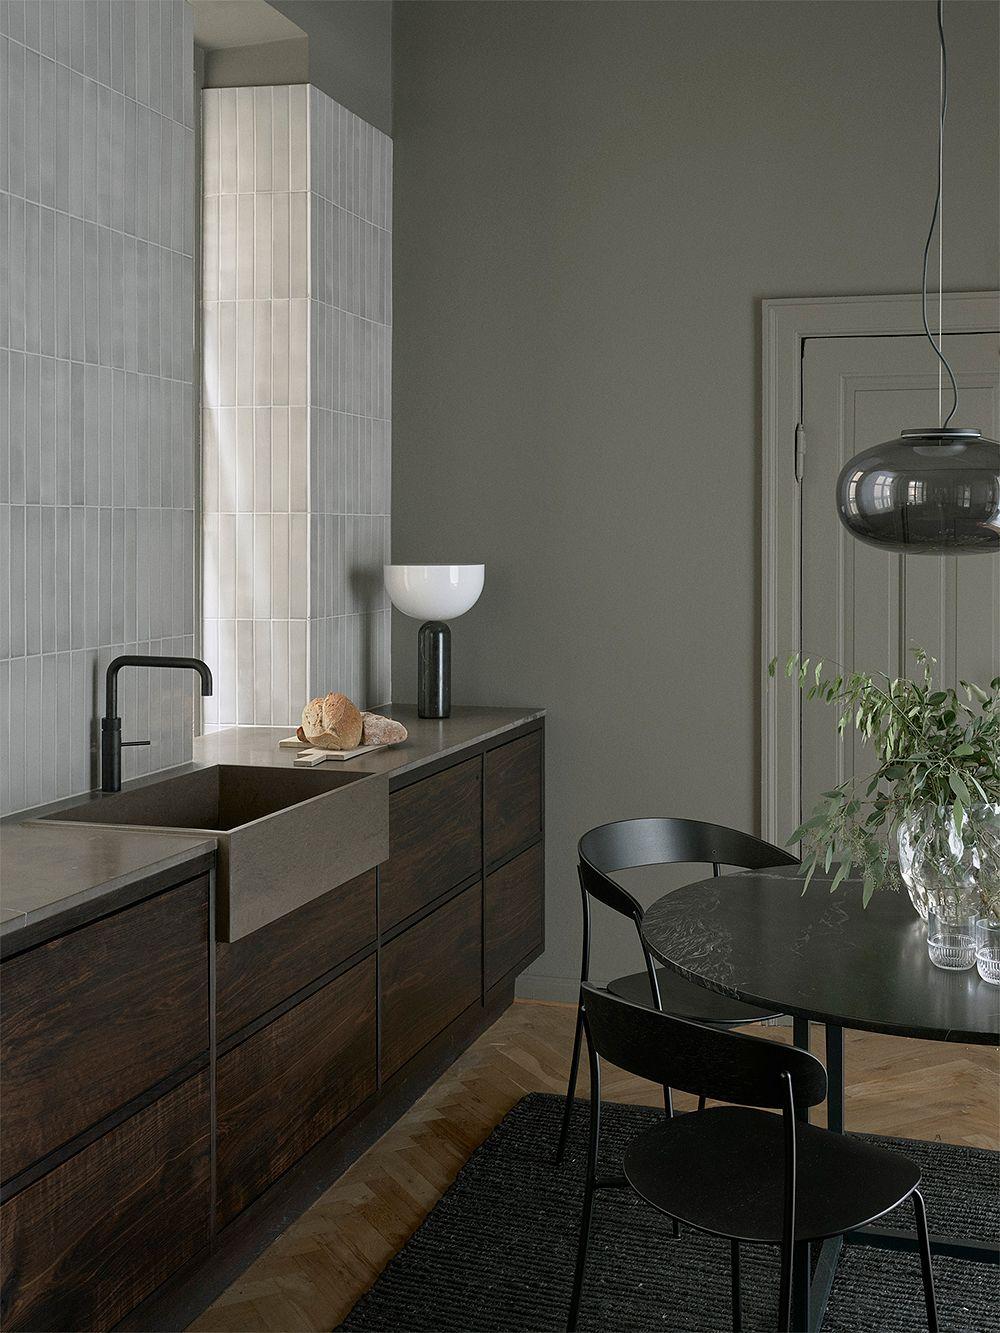 New Works Kizu pöytävalaisin, iso, musta marmori